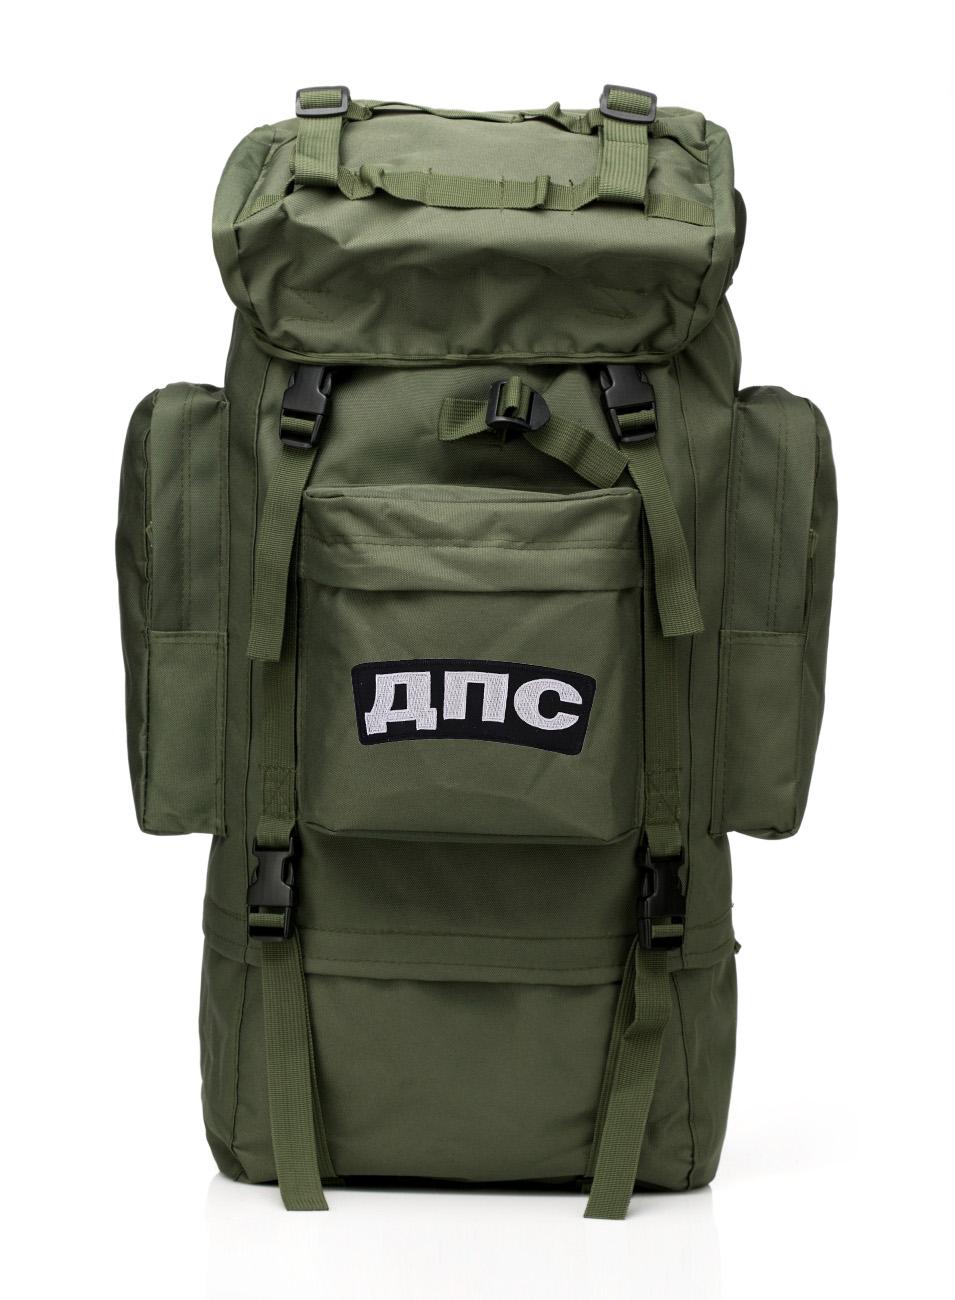 Армейский каркасный рюкзак с нашивкой ДПС - заказать в подарок